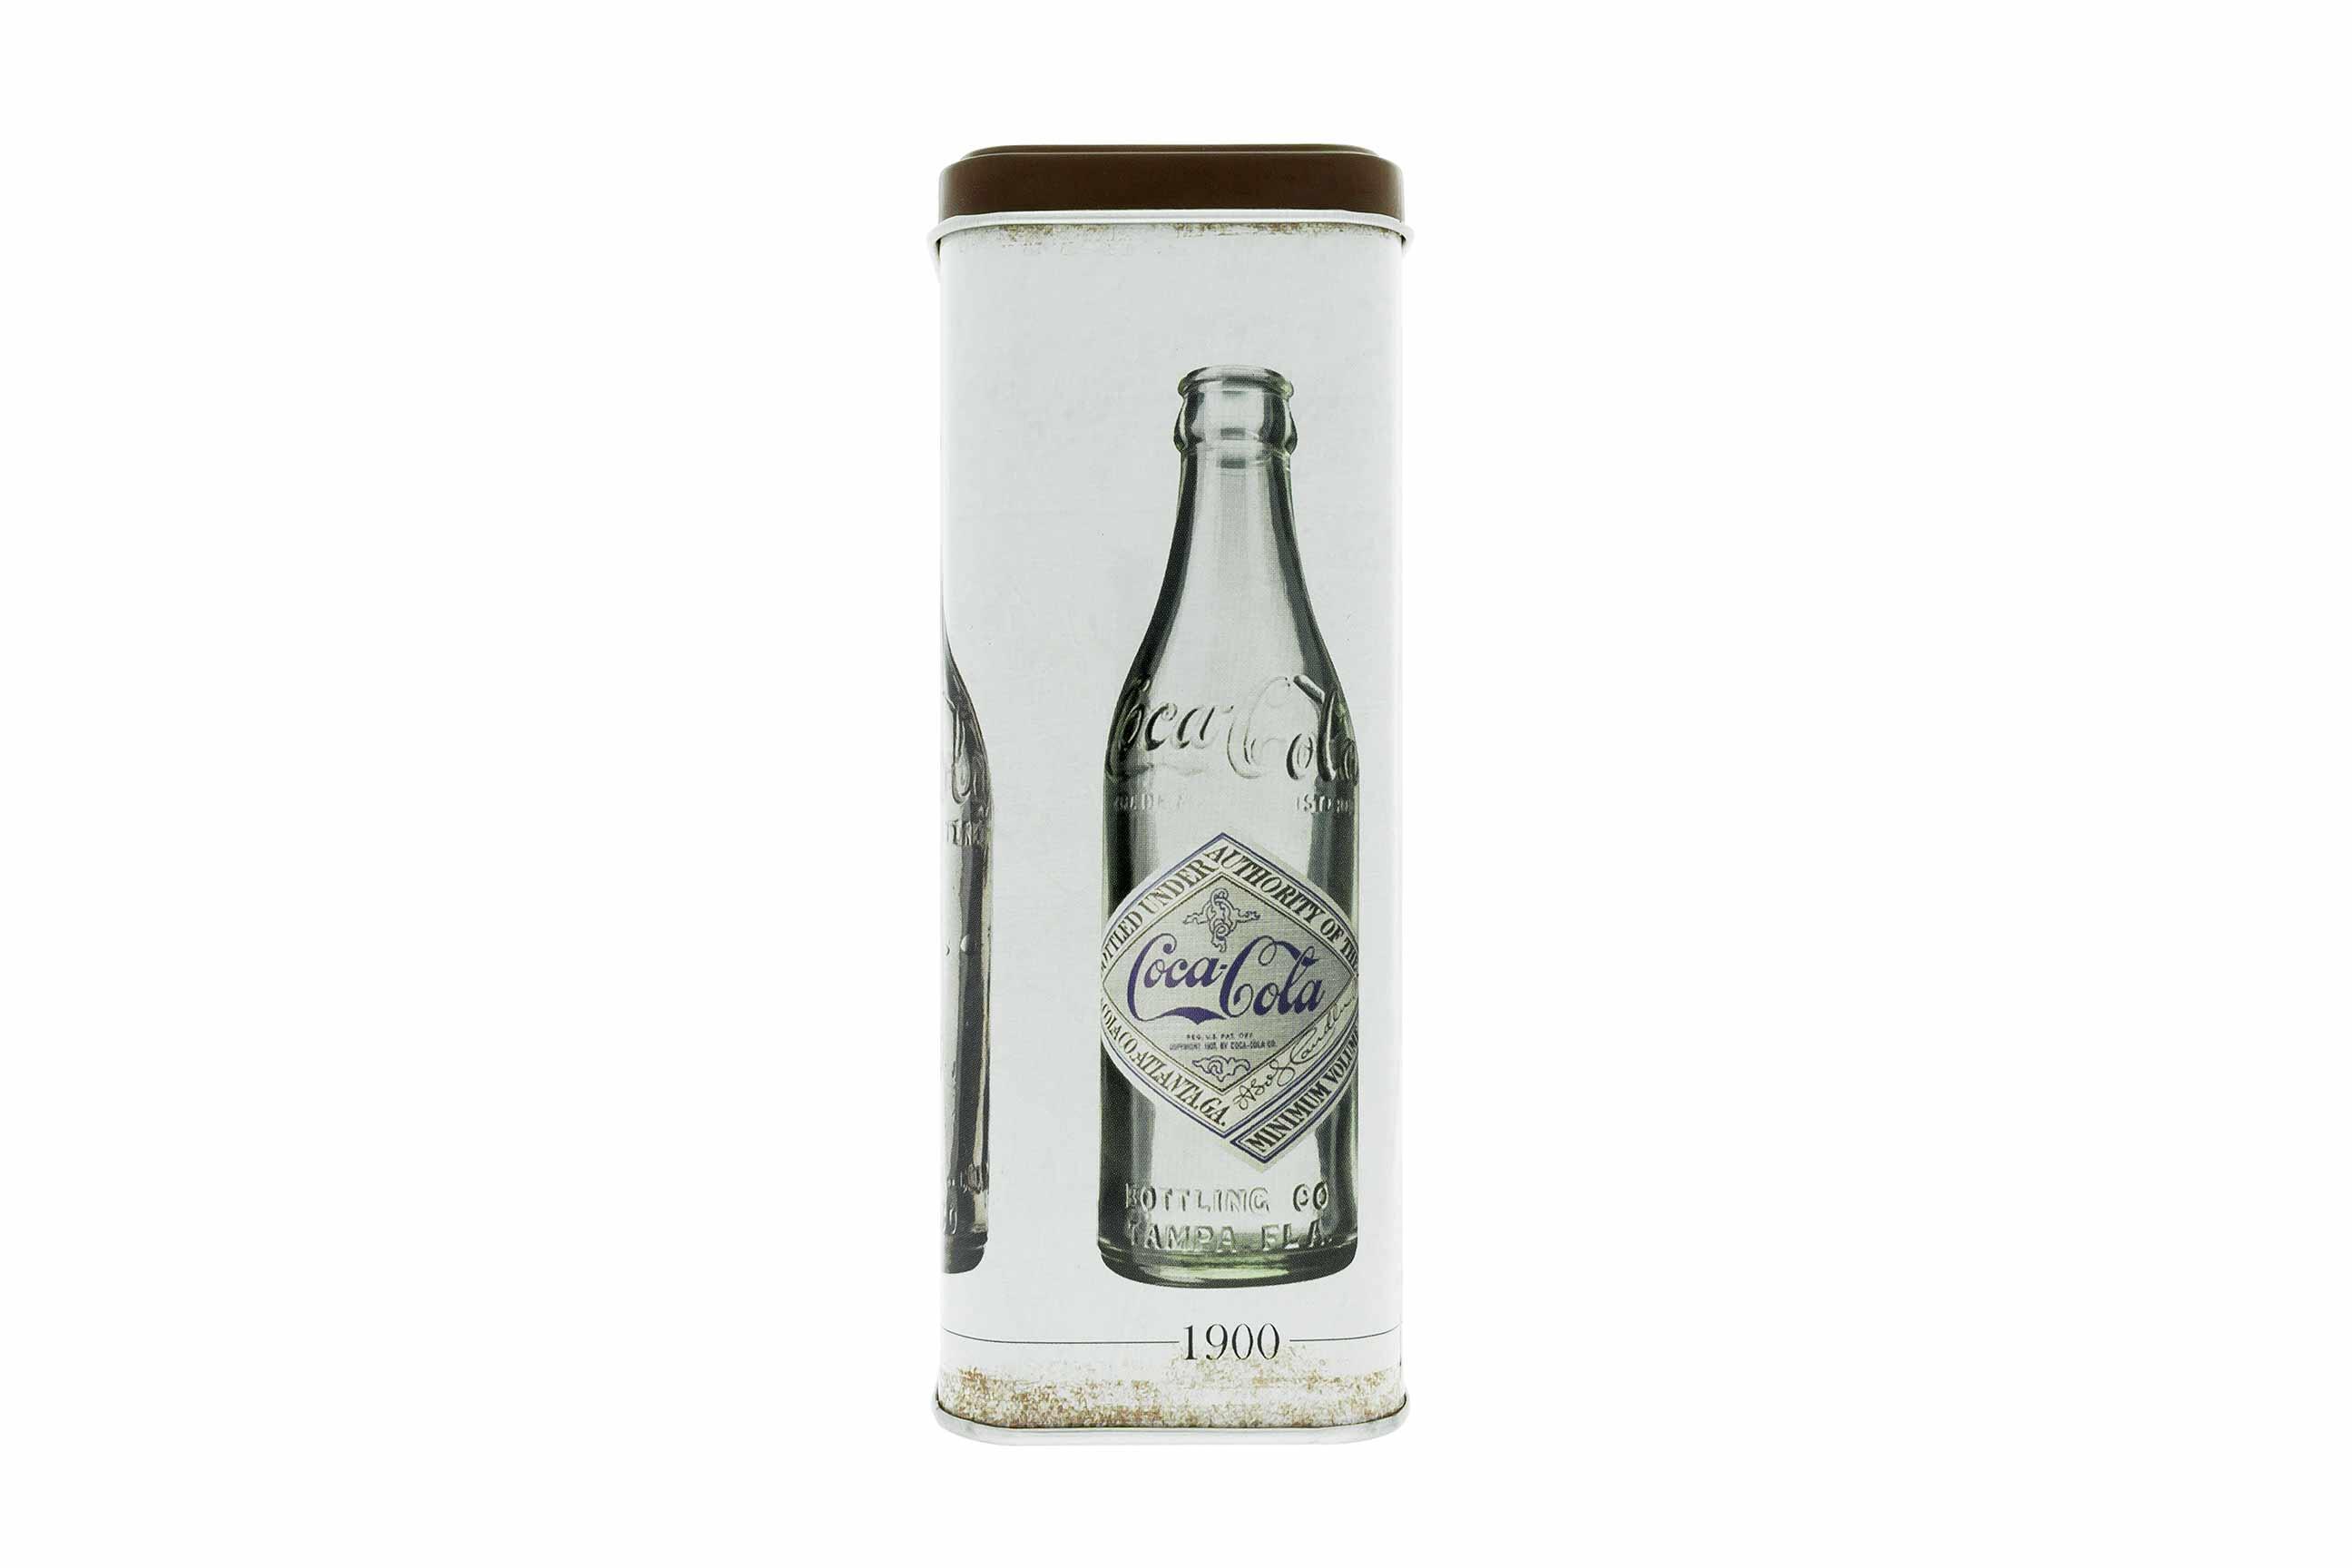 Kakumei - Packshot - Photo de produit - 360 - Site internet vitrine - Boite Coca Cola Vintage - Cote 1900